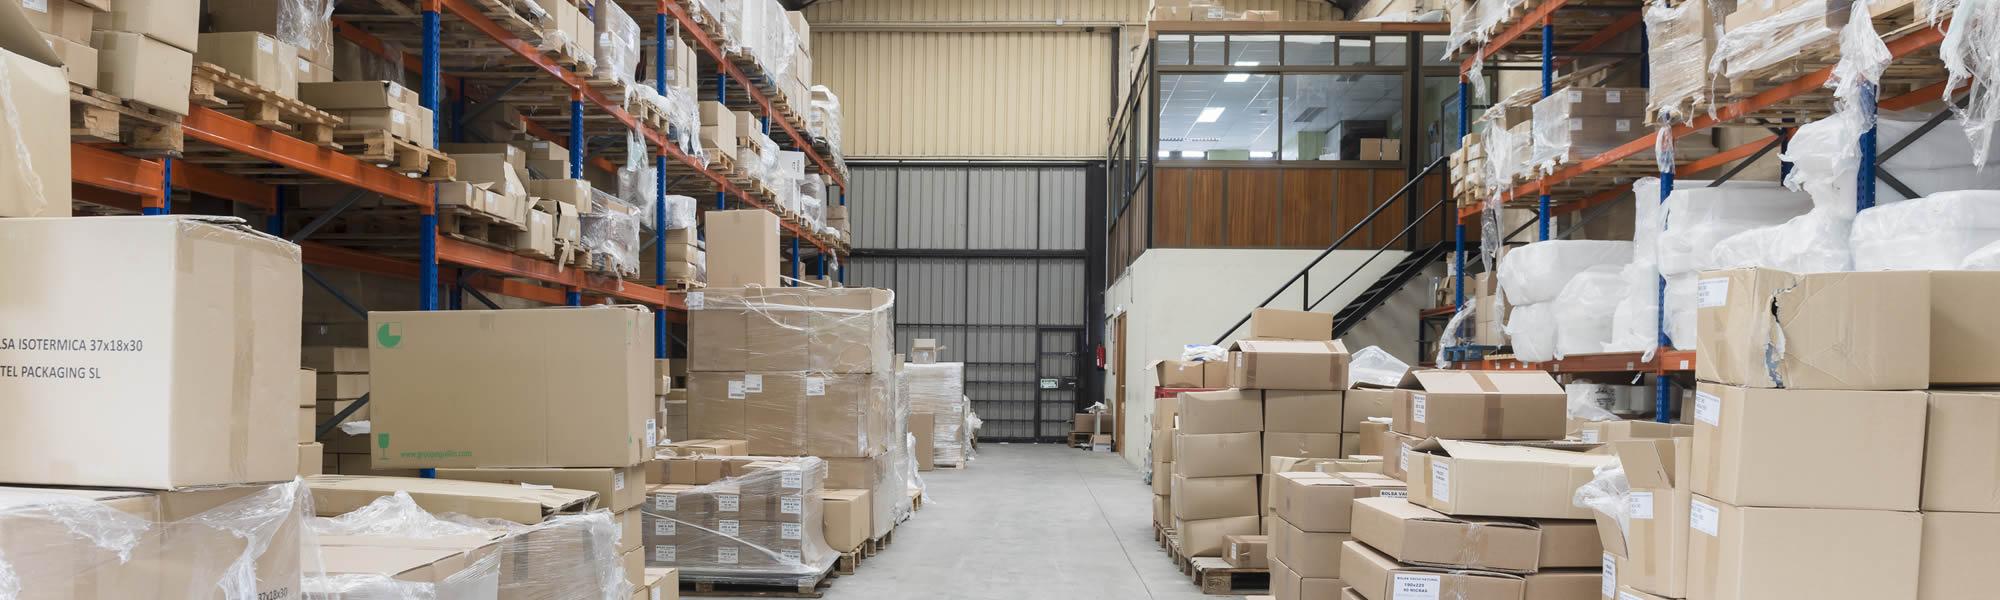 Zubelzu dispone de más de 1000 metros cuadrados dedicados a ofrecerte el mejor servicio de embalaje y packaging